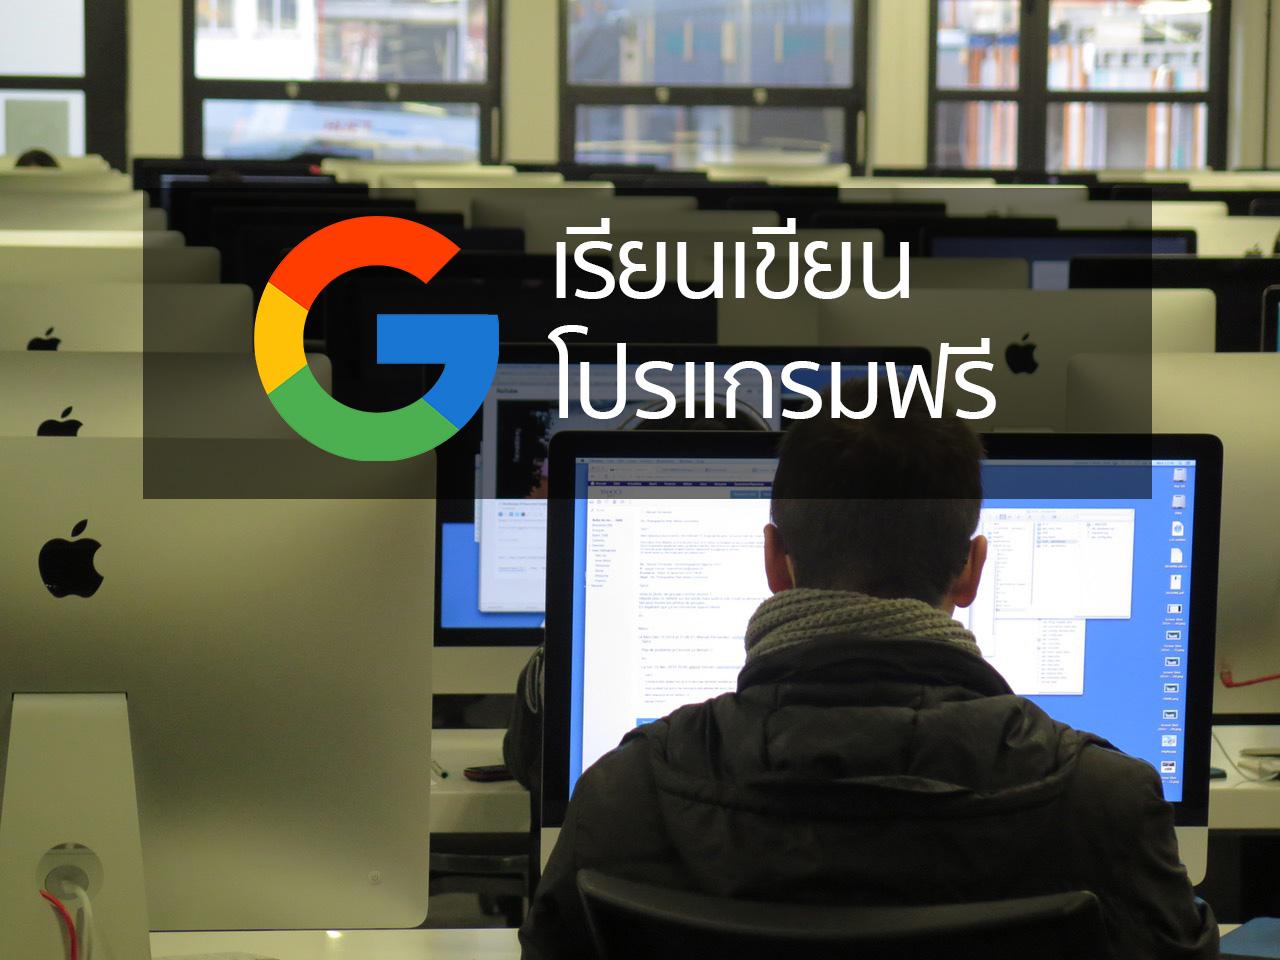 กูเกิลเปิดให้เรียน Computer Science ฟรี!